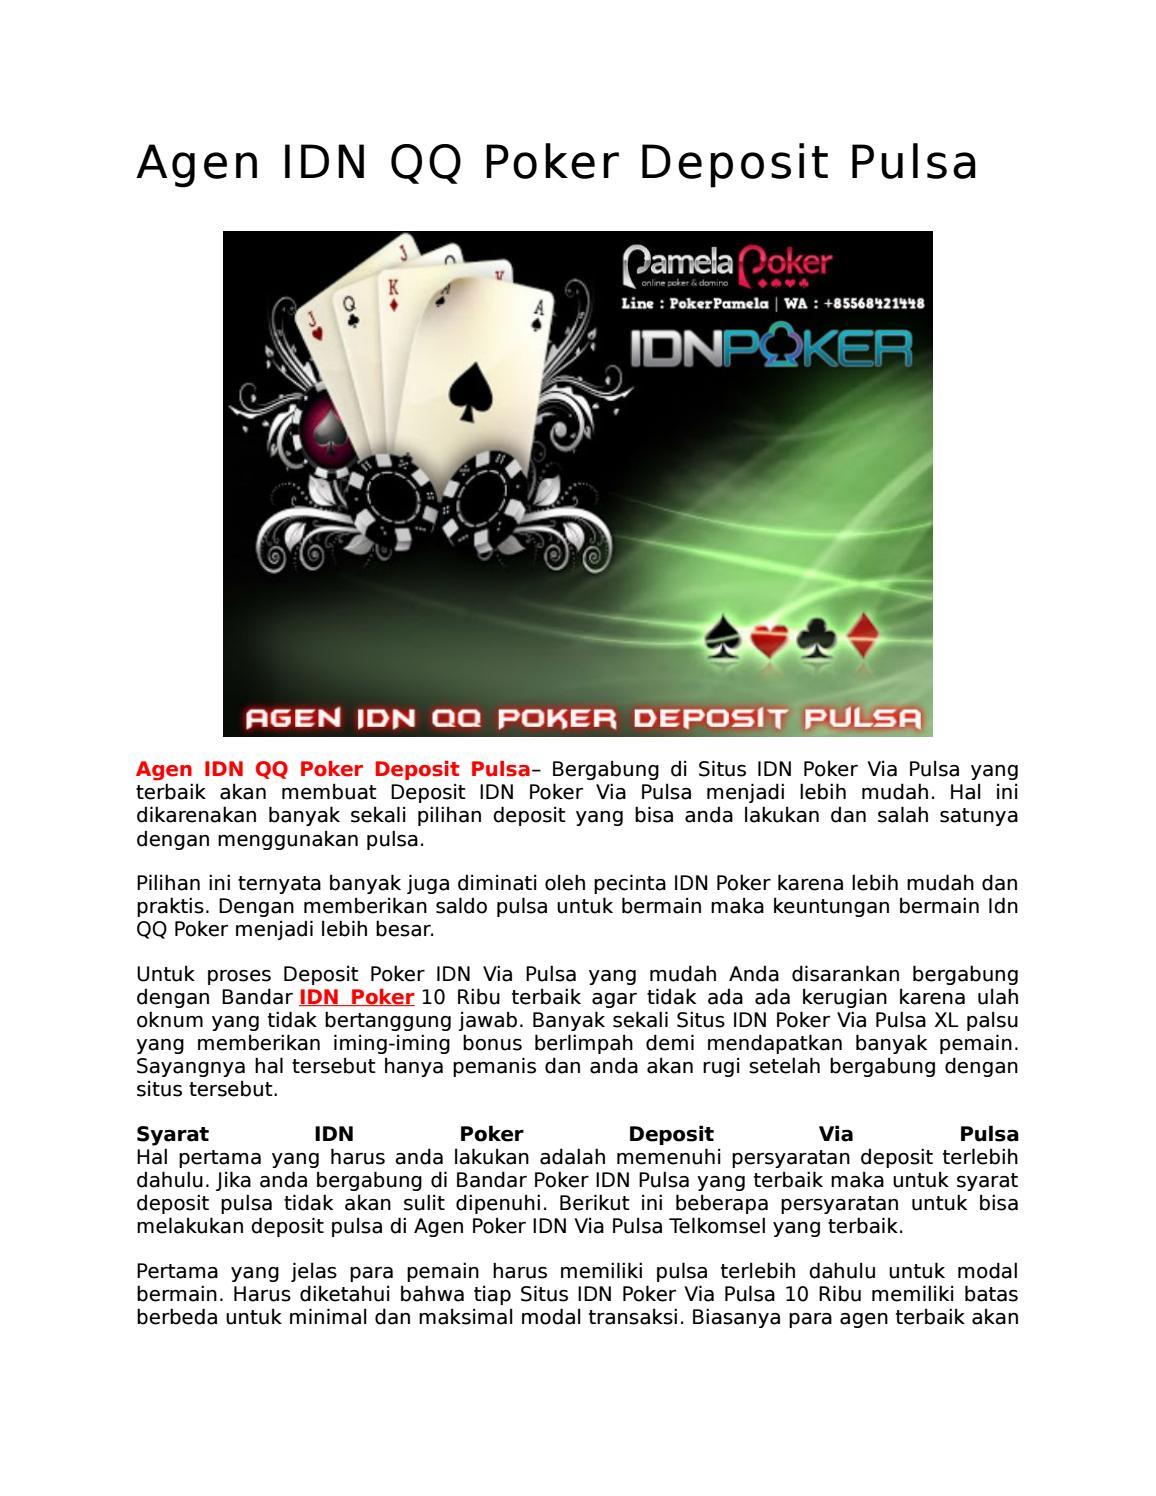 Agen Idn Qq Poker Deposit Pulsa Pokerpamela Com By Pokerpamelaa Issuu